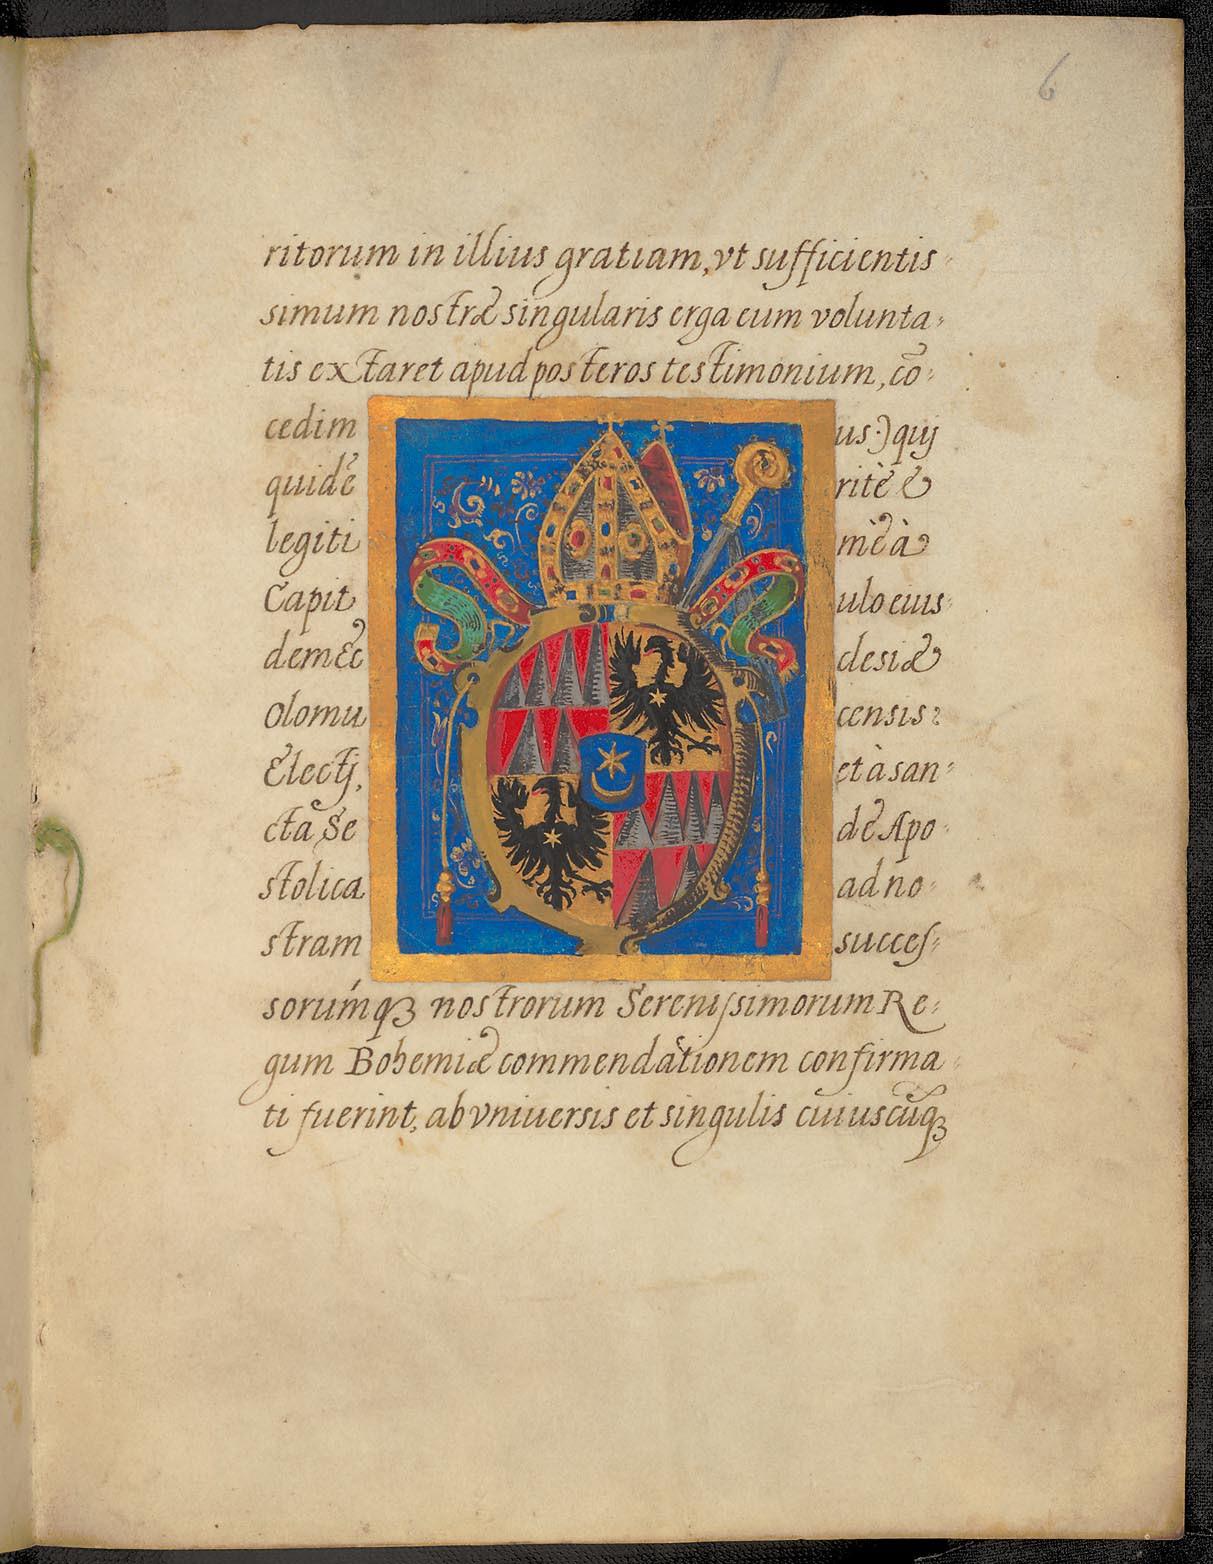 Copia decreti Rudolphi II.